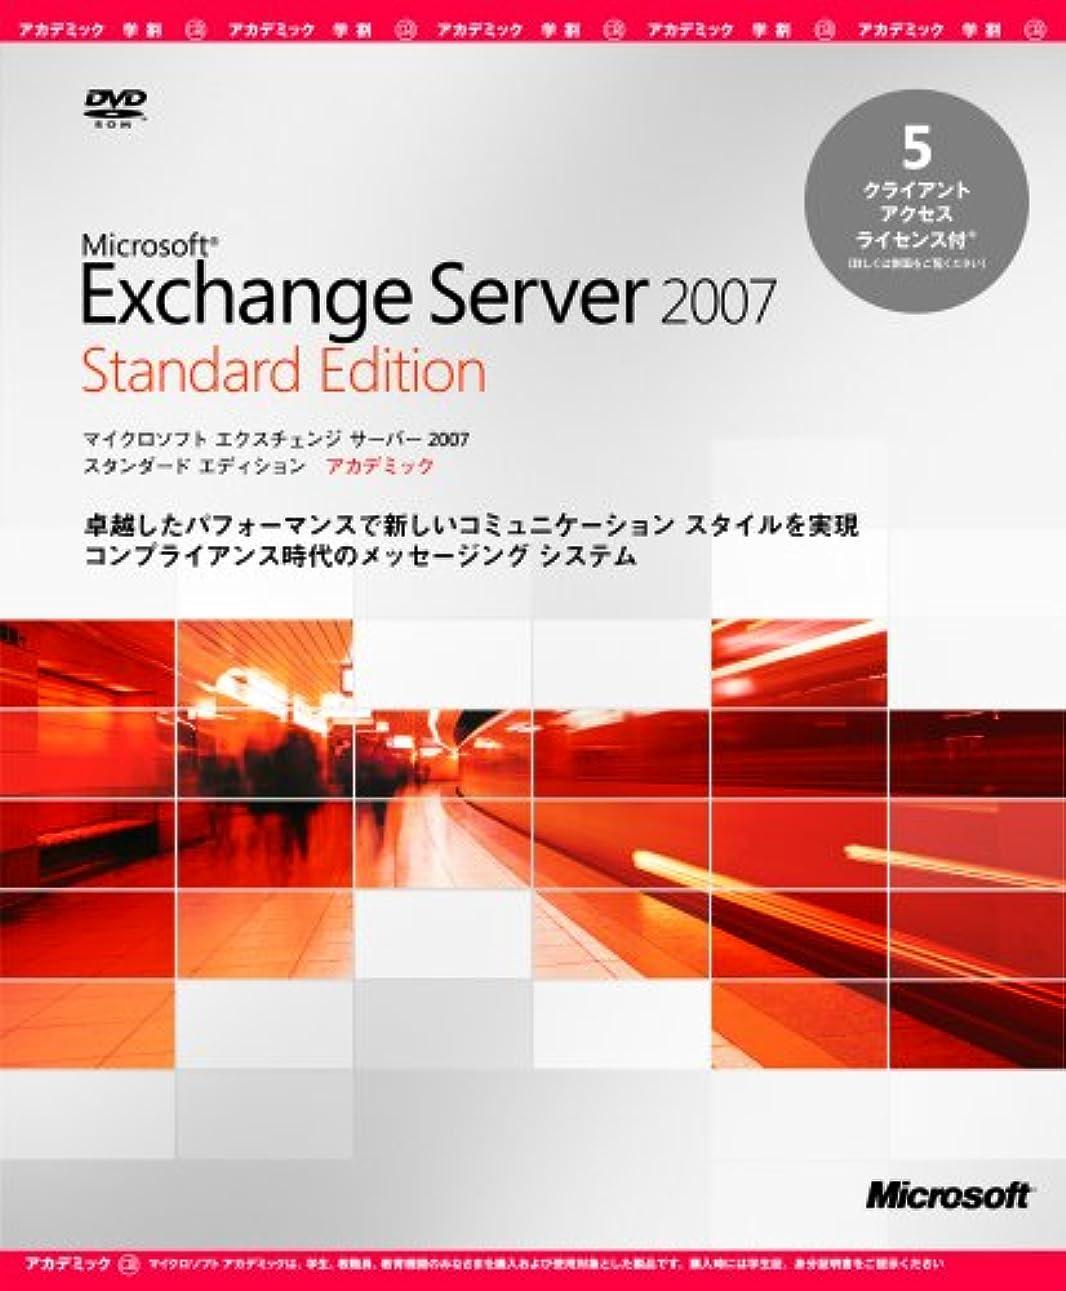 読者締め切り群集Microsoft Exchange Server 2007 Standard Edition 日本語版 アカデミックパック 5クライアントアクセスライセンス付